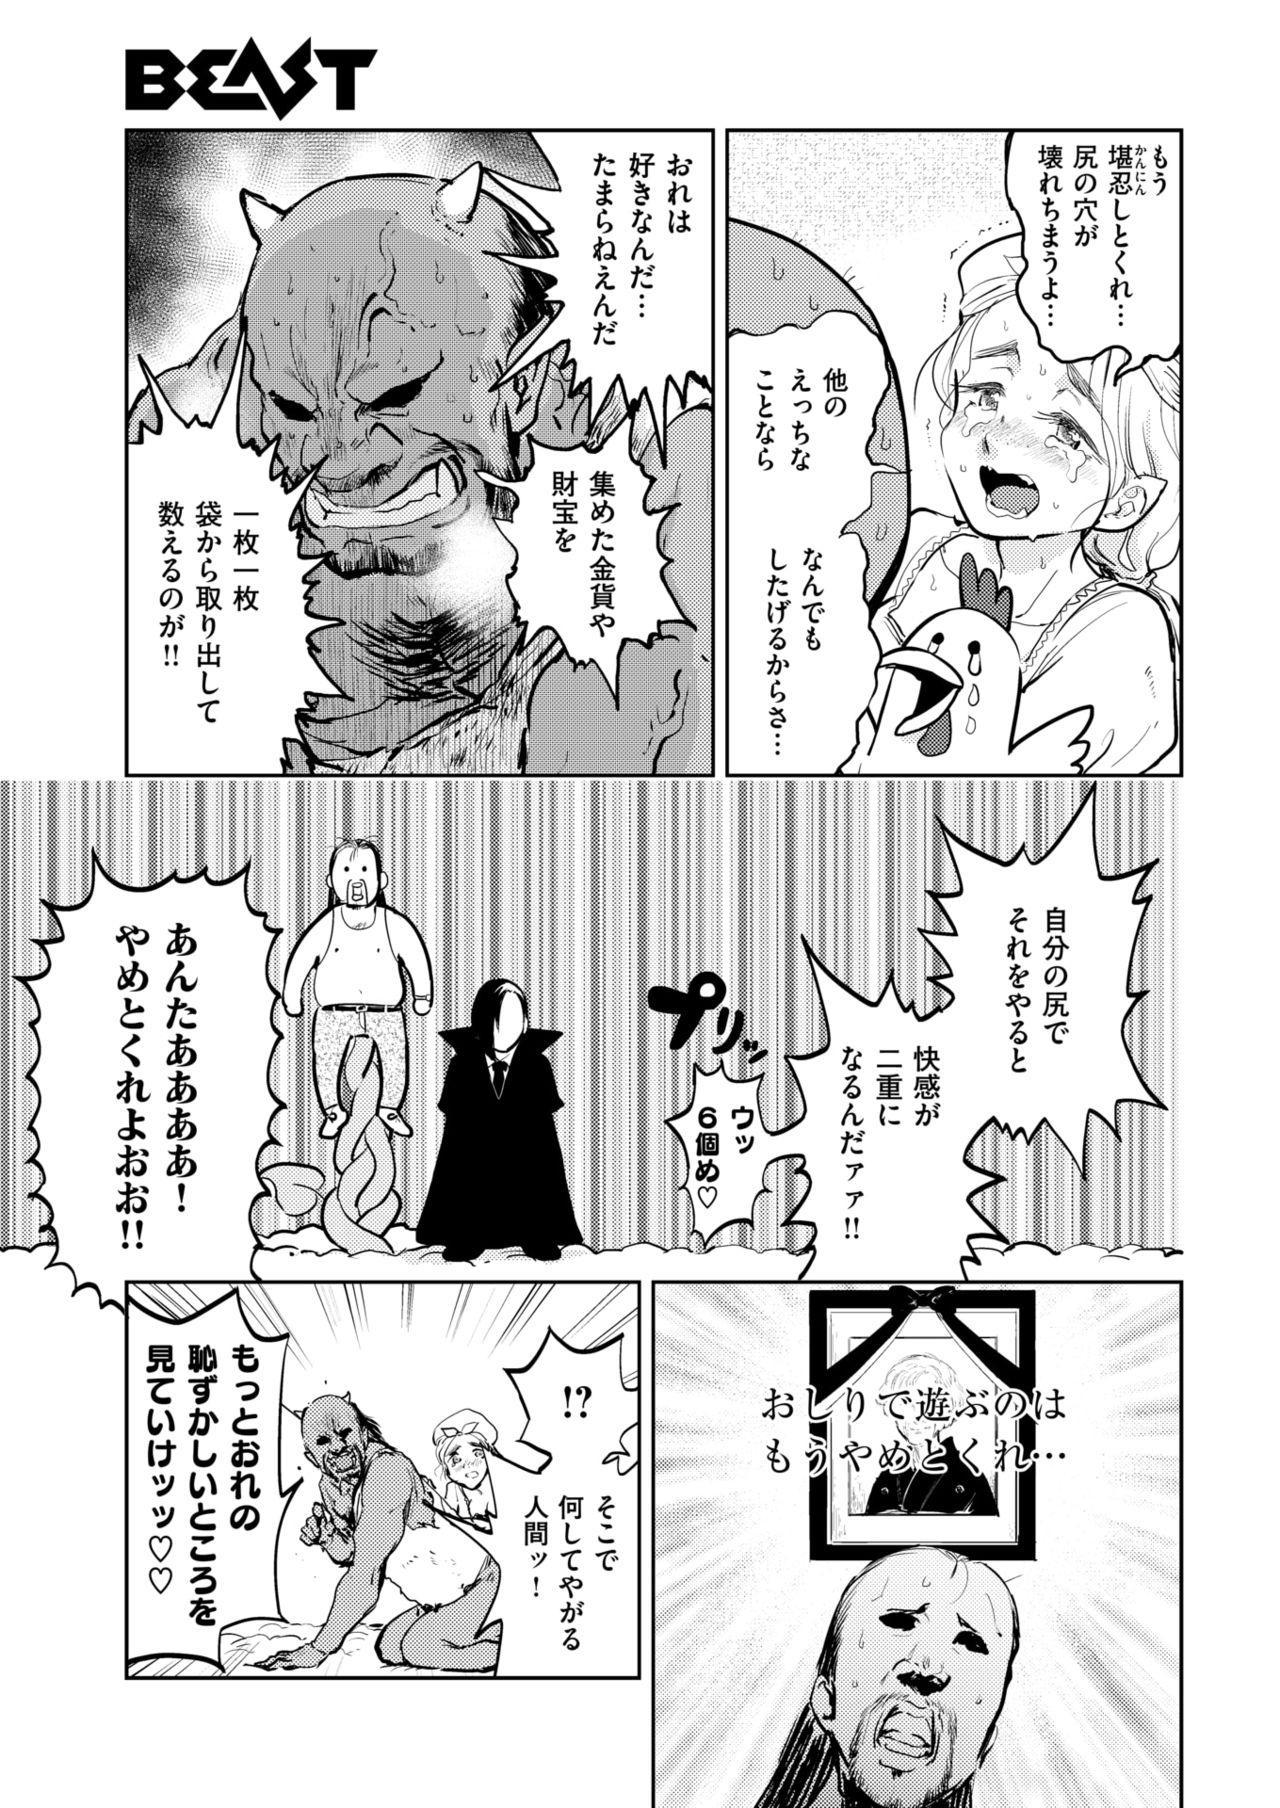 COMIC Kairakuten BEAST 2019-03 281